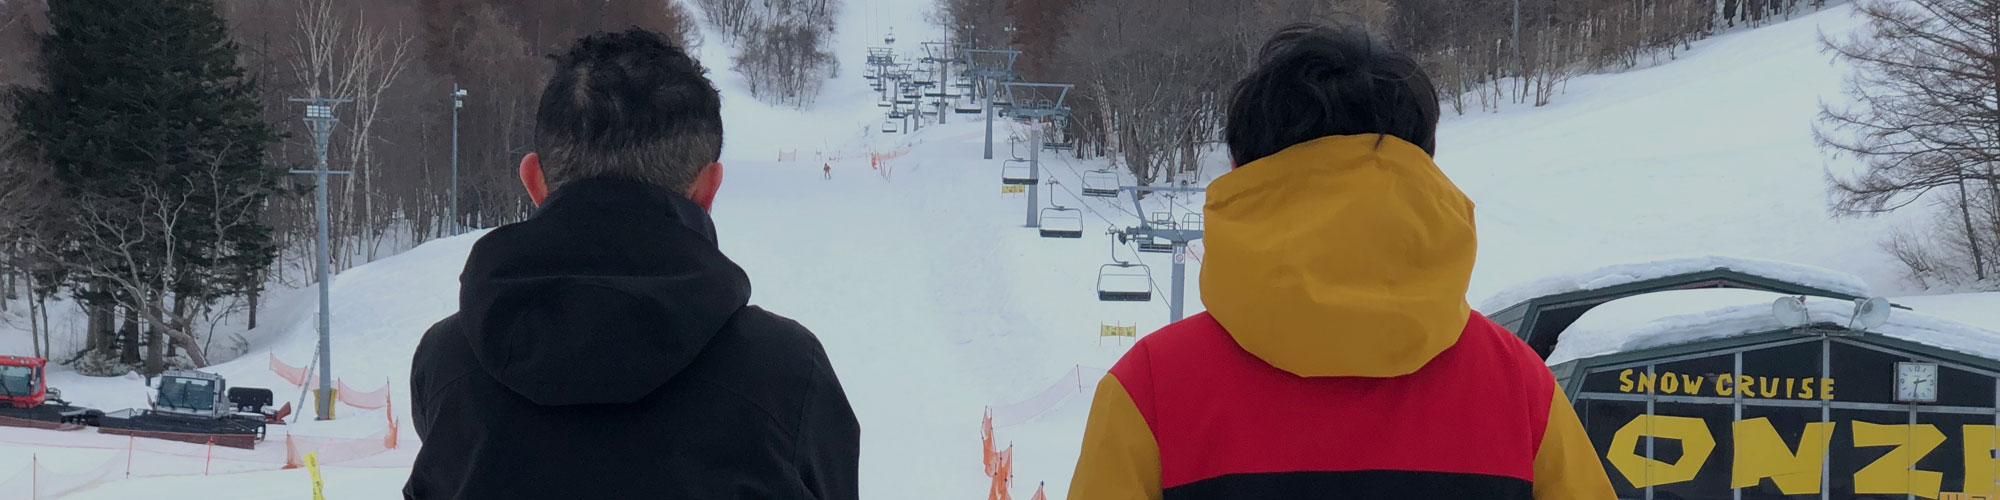 極寒に挑む男達 今季のスノボウェアは一体どれくらい暖かいのか!?